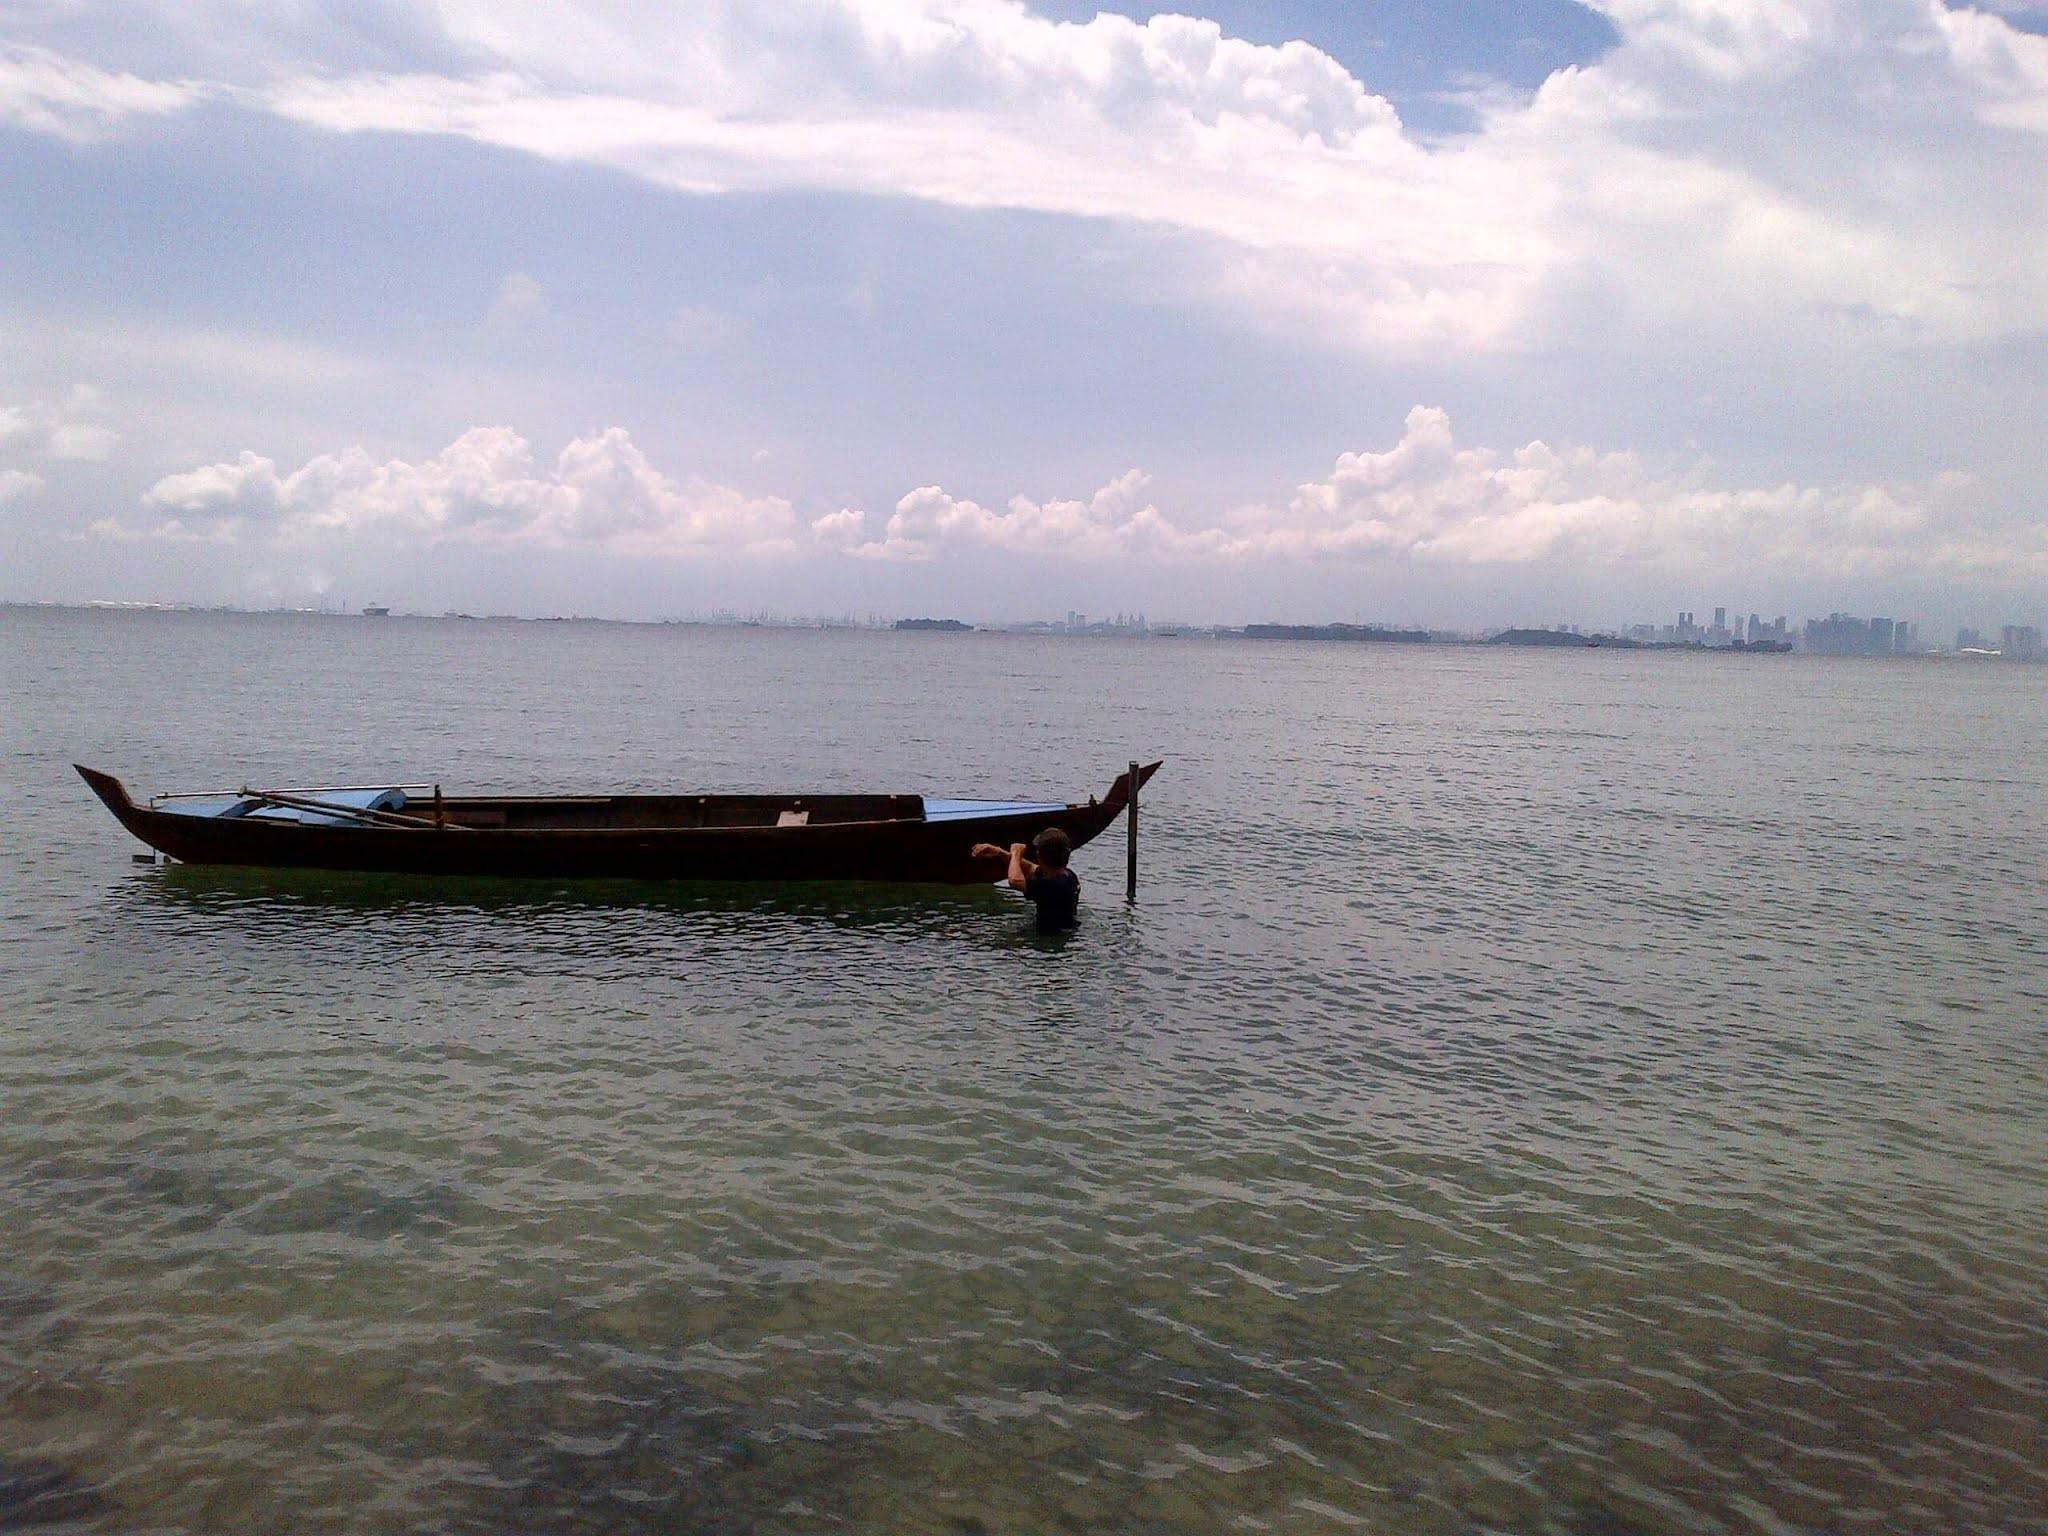 Pantai Indah, Pulau Lengkana Belakang Padang 5